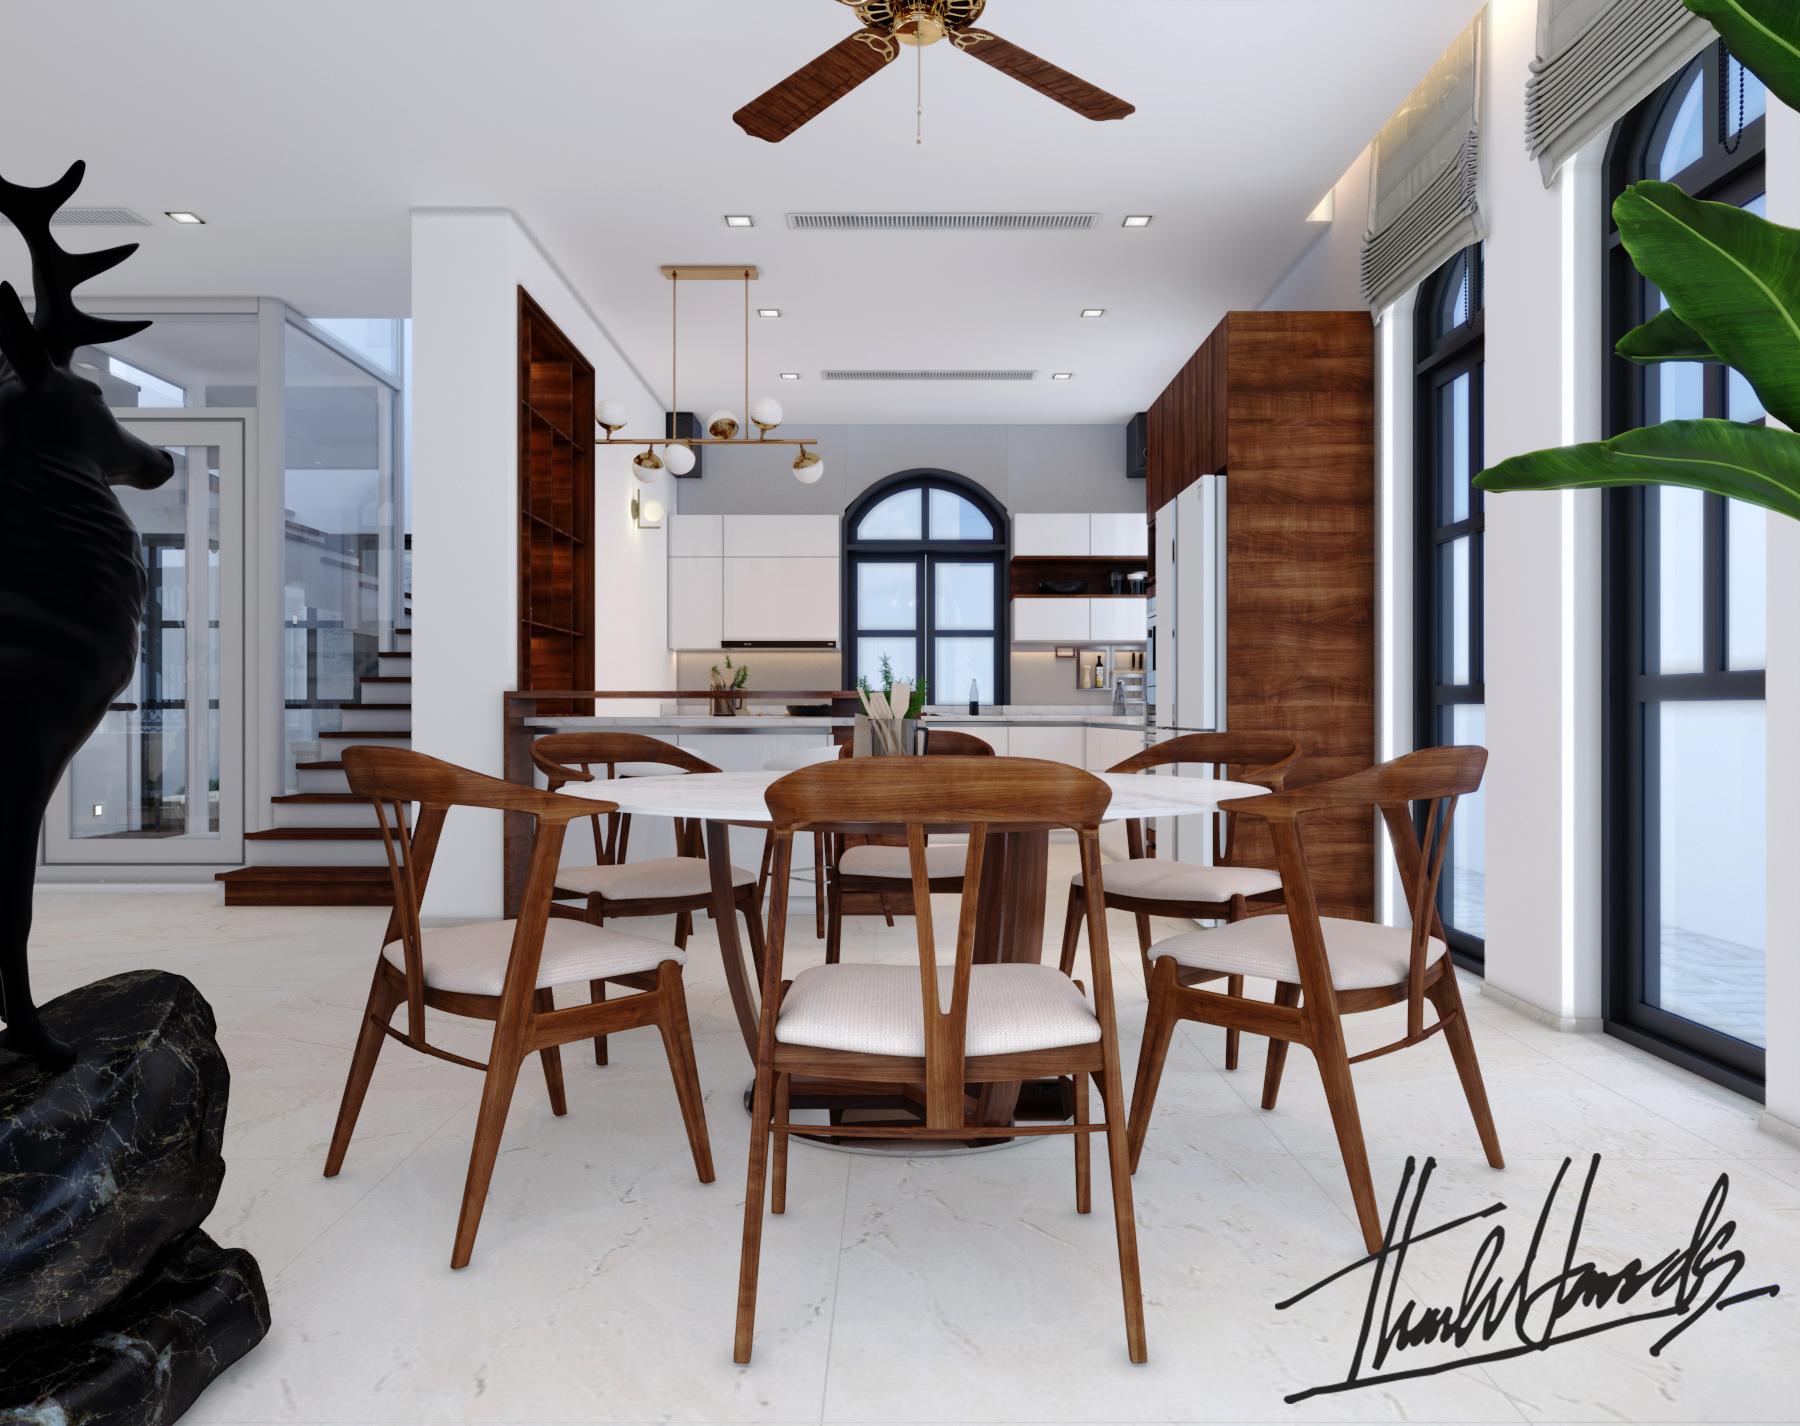 thiết kế nội thất Biệt Thự tại Hải Phòng Biệt thự Vinhomes - imperia ( khu VEN) 7 1568278753